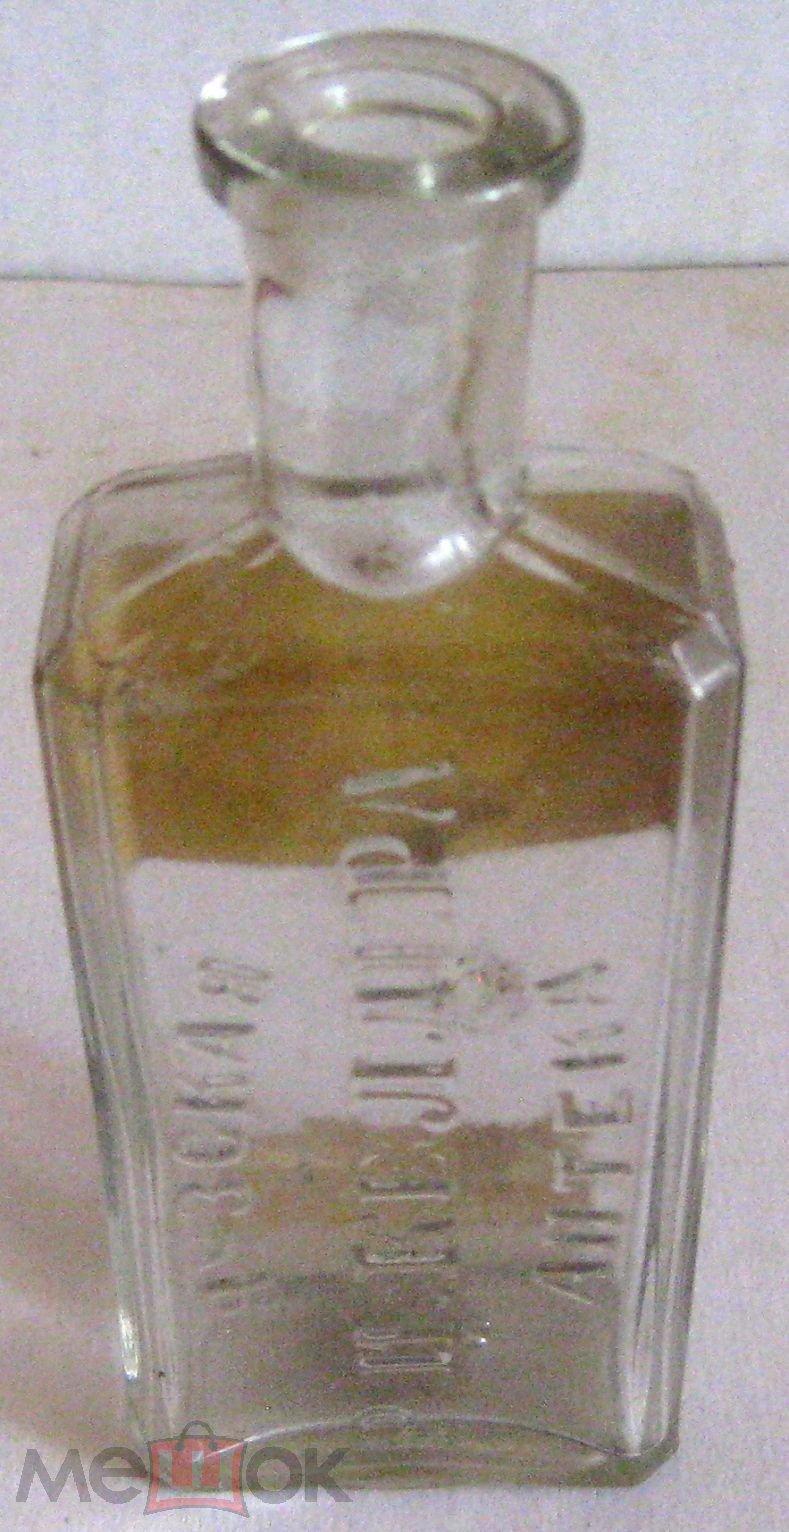 Нашатырный спирт купить в аптеке в москве купить мед спирт розница